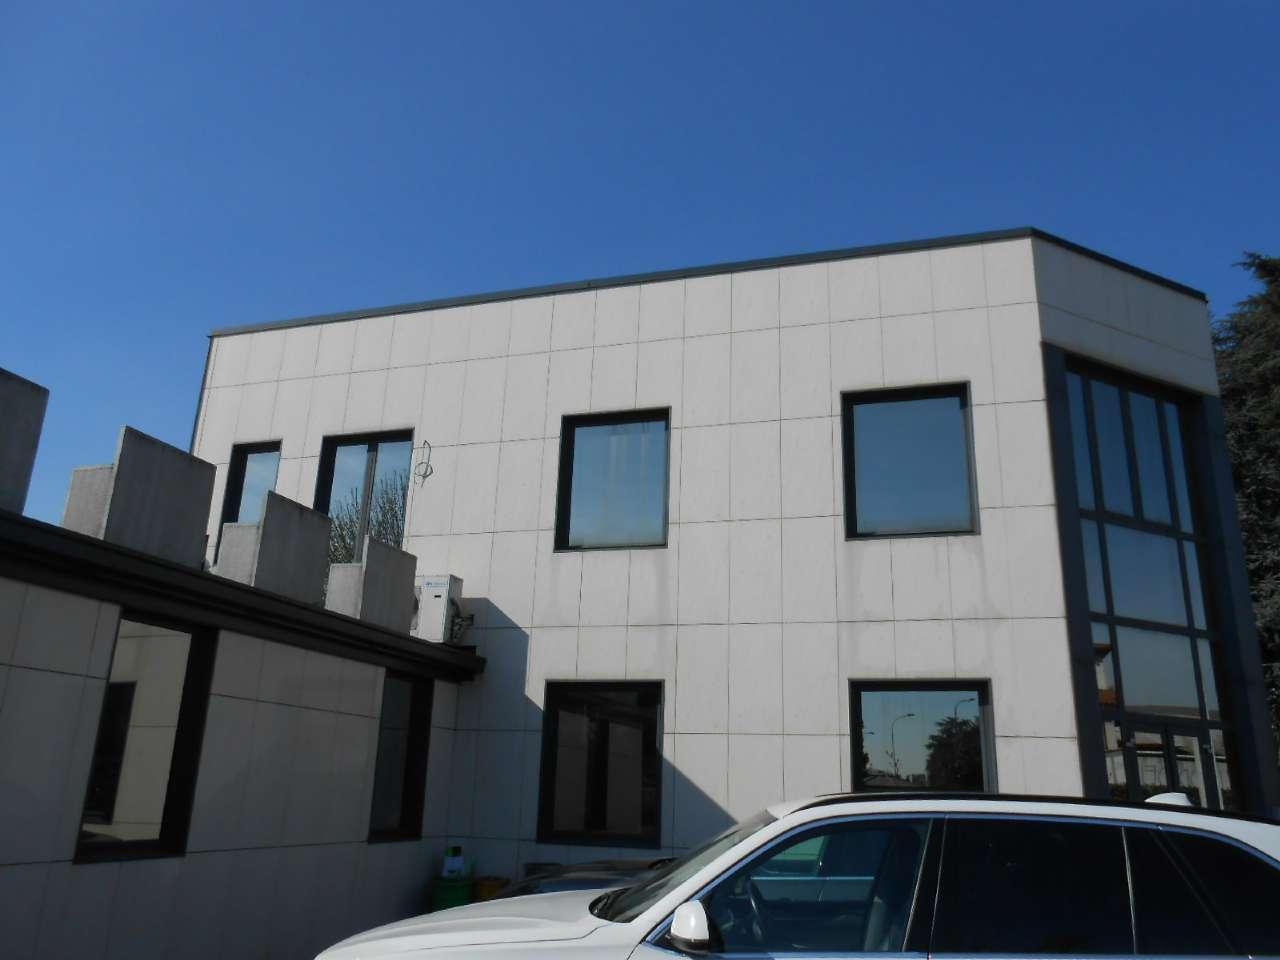 Ufficio / Studio in affitto a Madignano, 6 locali, prezzo € 2.650 | PortaleAgenzieImmobiliari.it